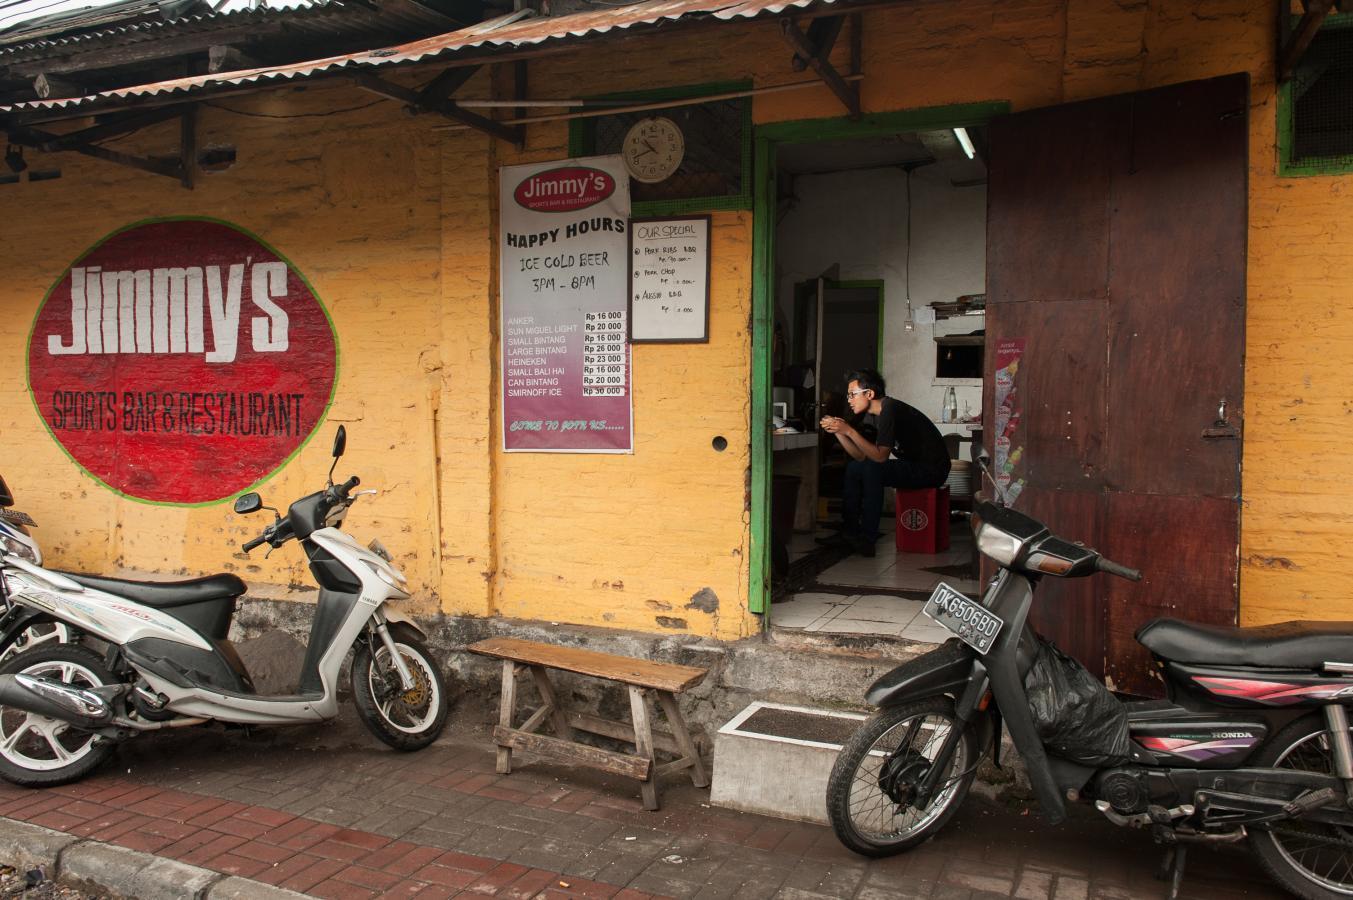 jimmy's-sports-bar-sanur-bali-2013